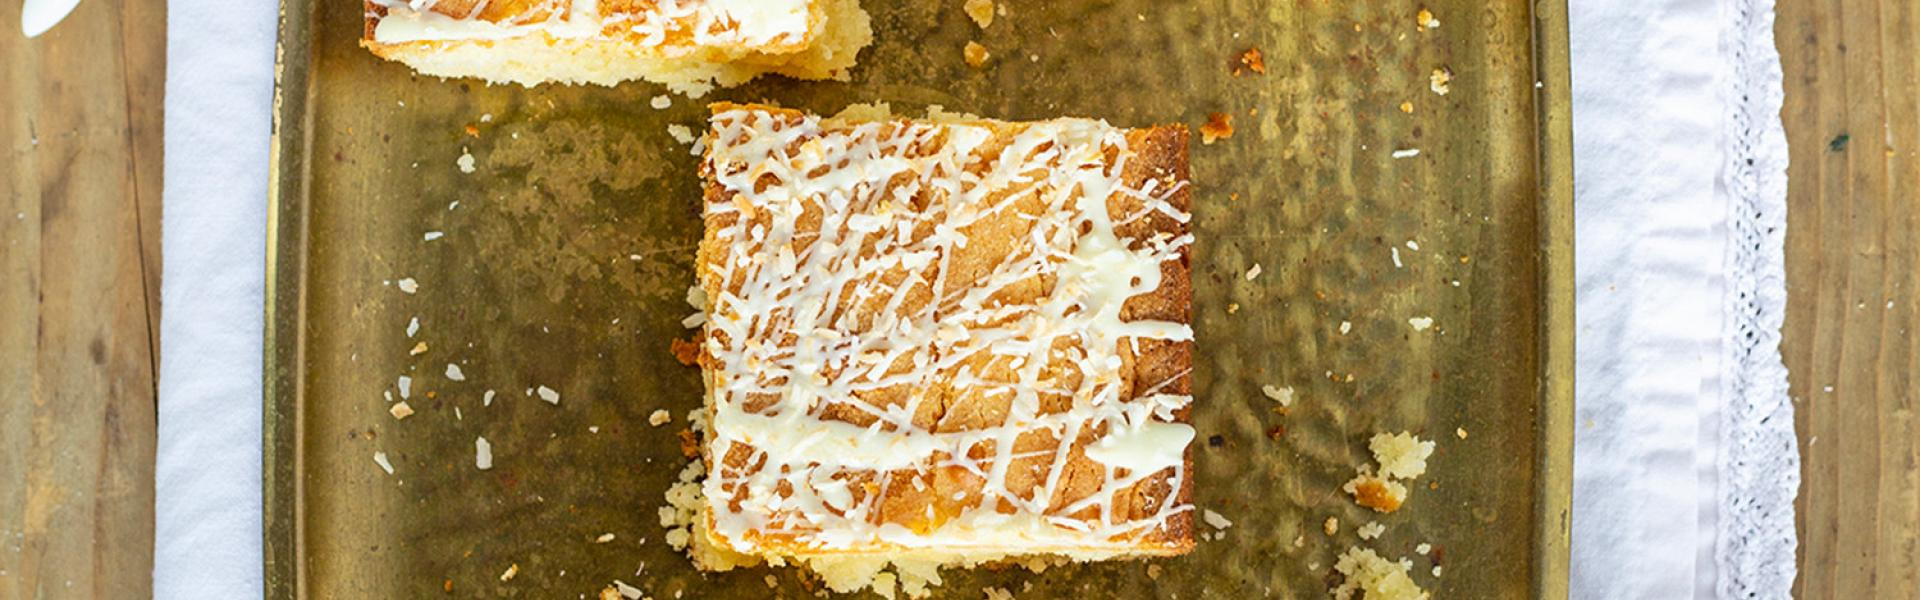 Weiße Schoko-Kokos-Blondies liegen auf einer Servierplatte.